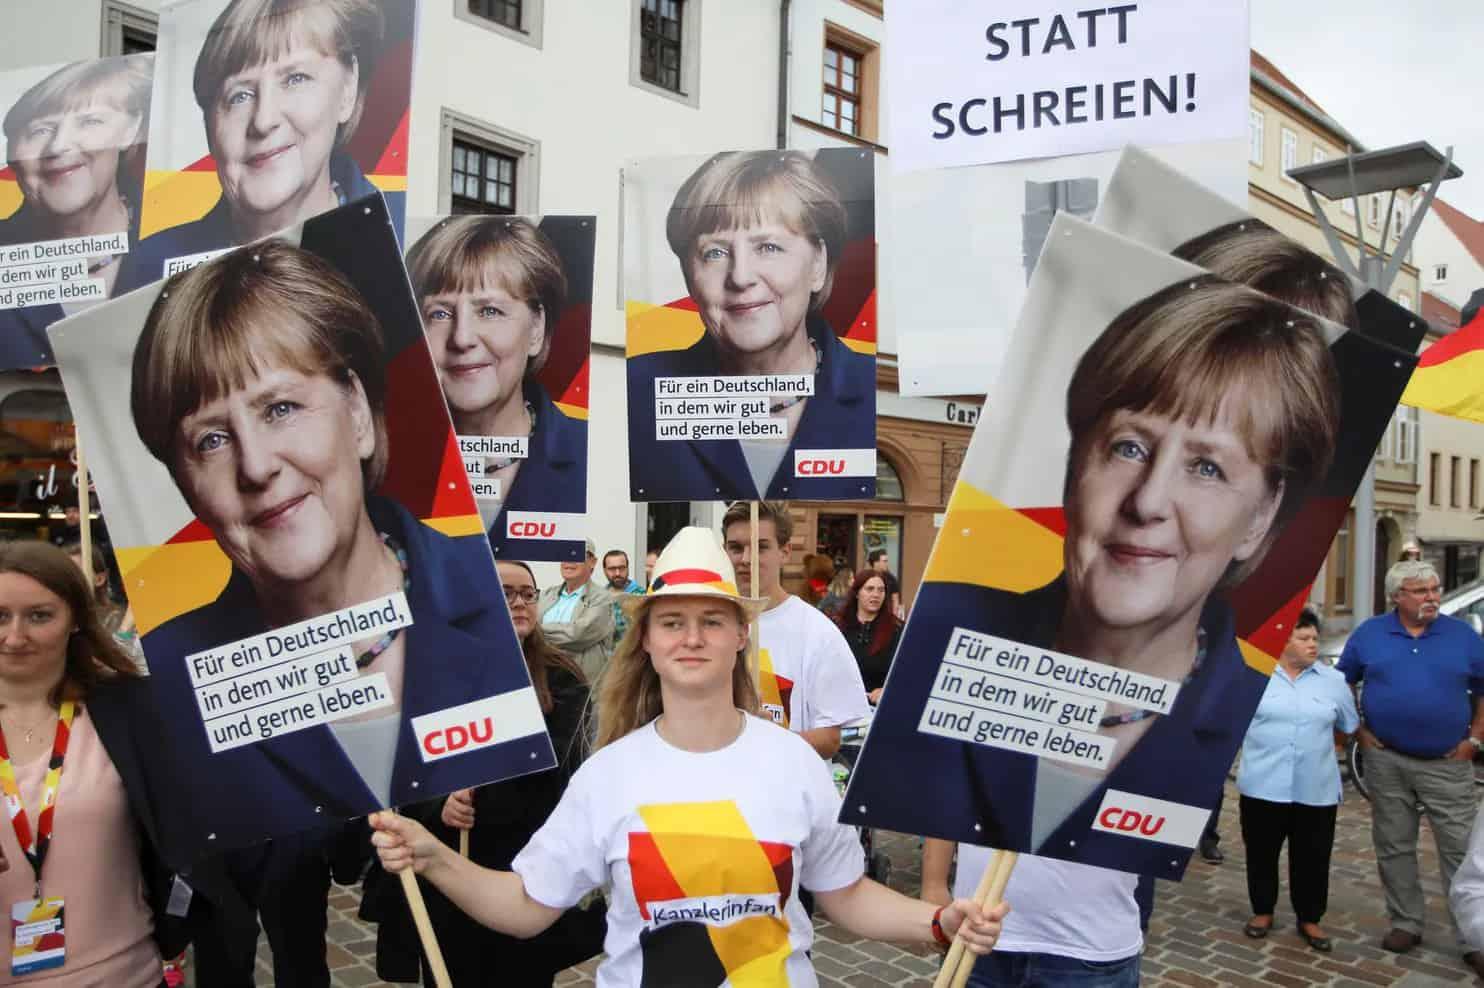 بیوگرافی آنگلا مرکل صدراعظم آلمان